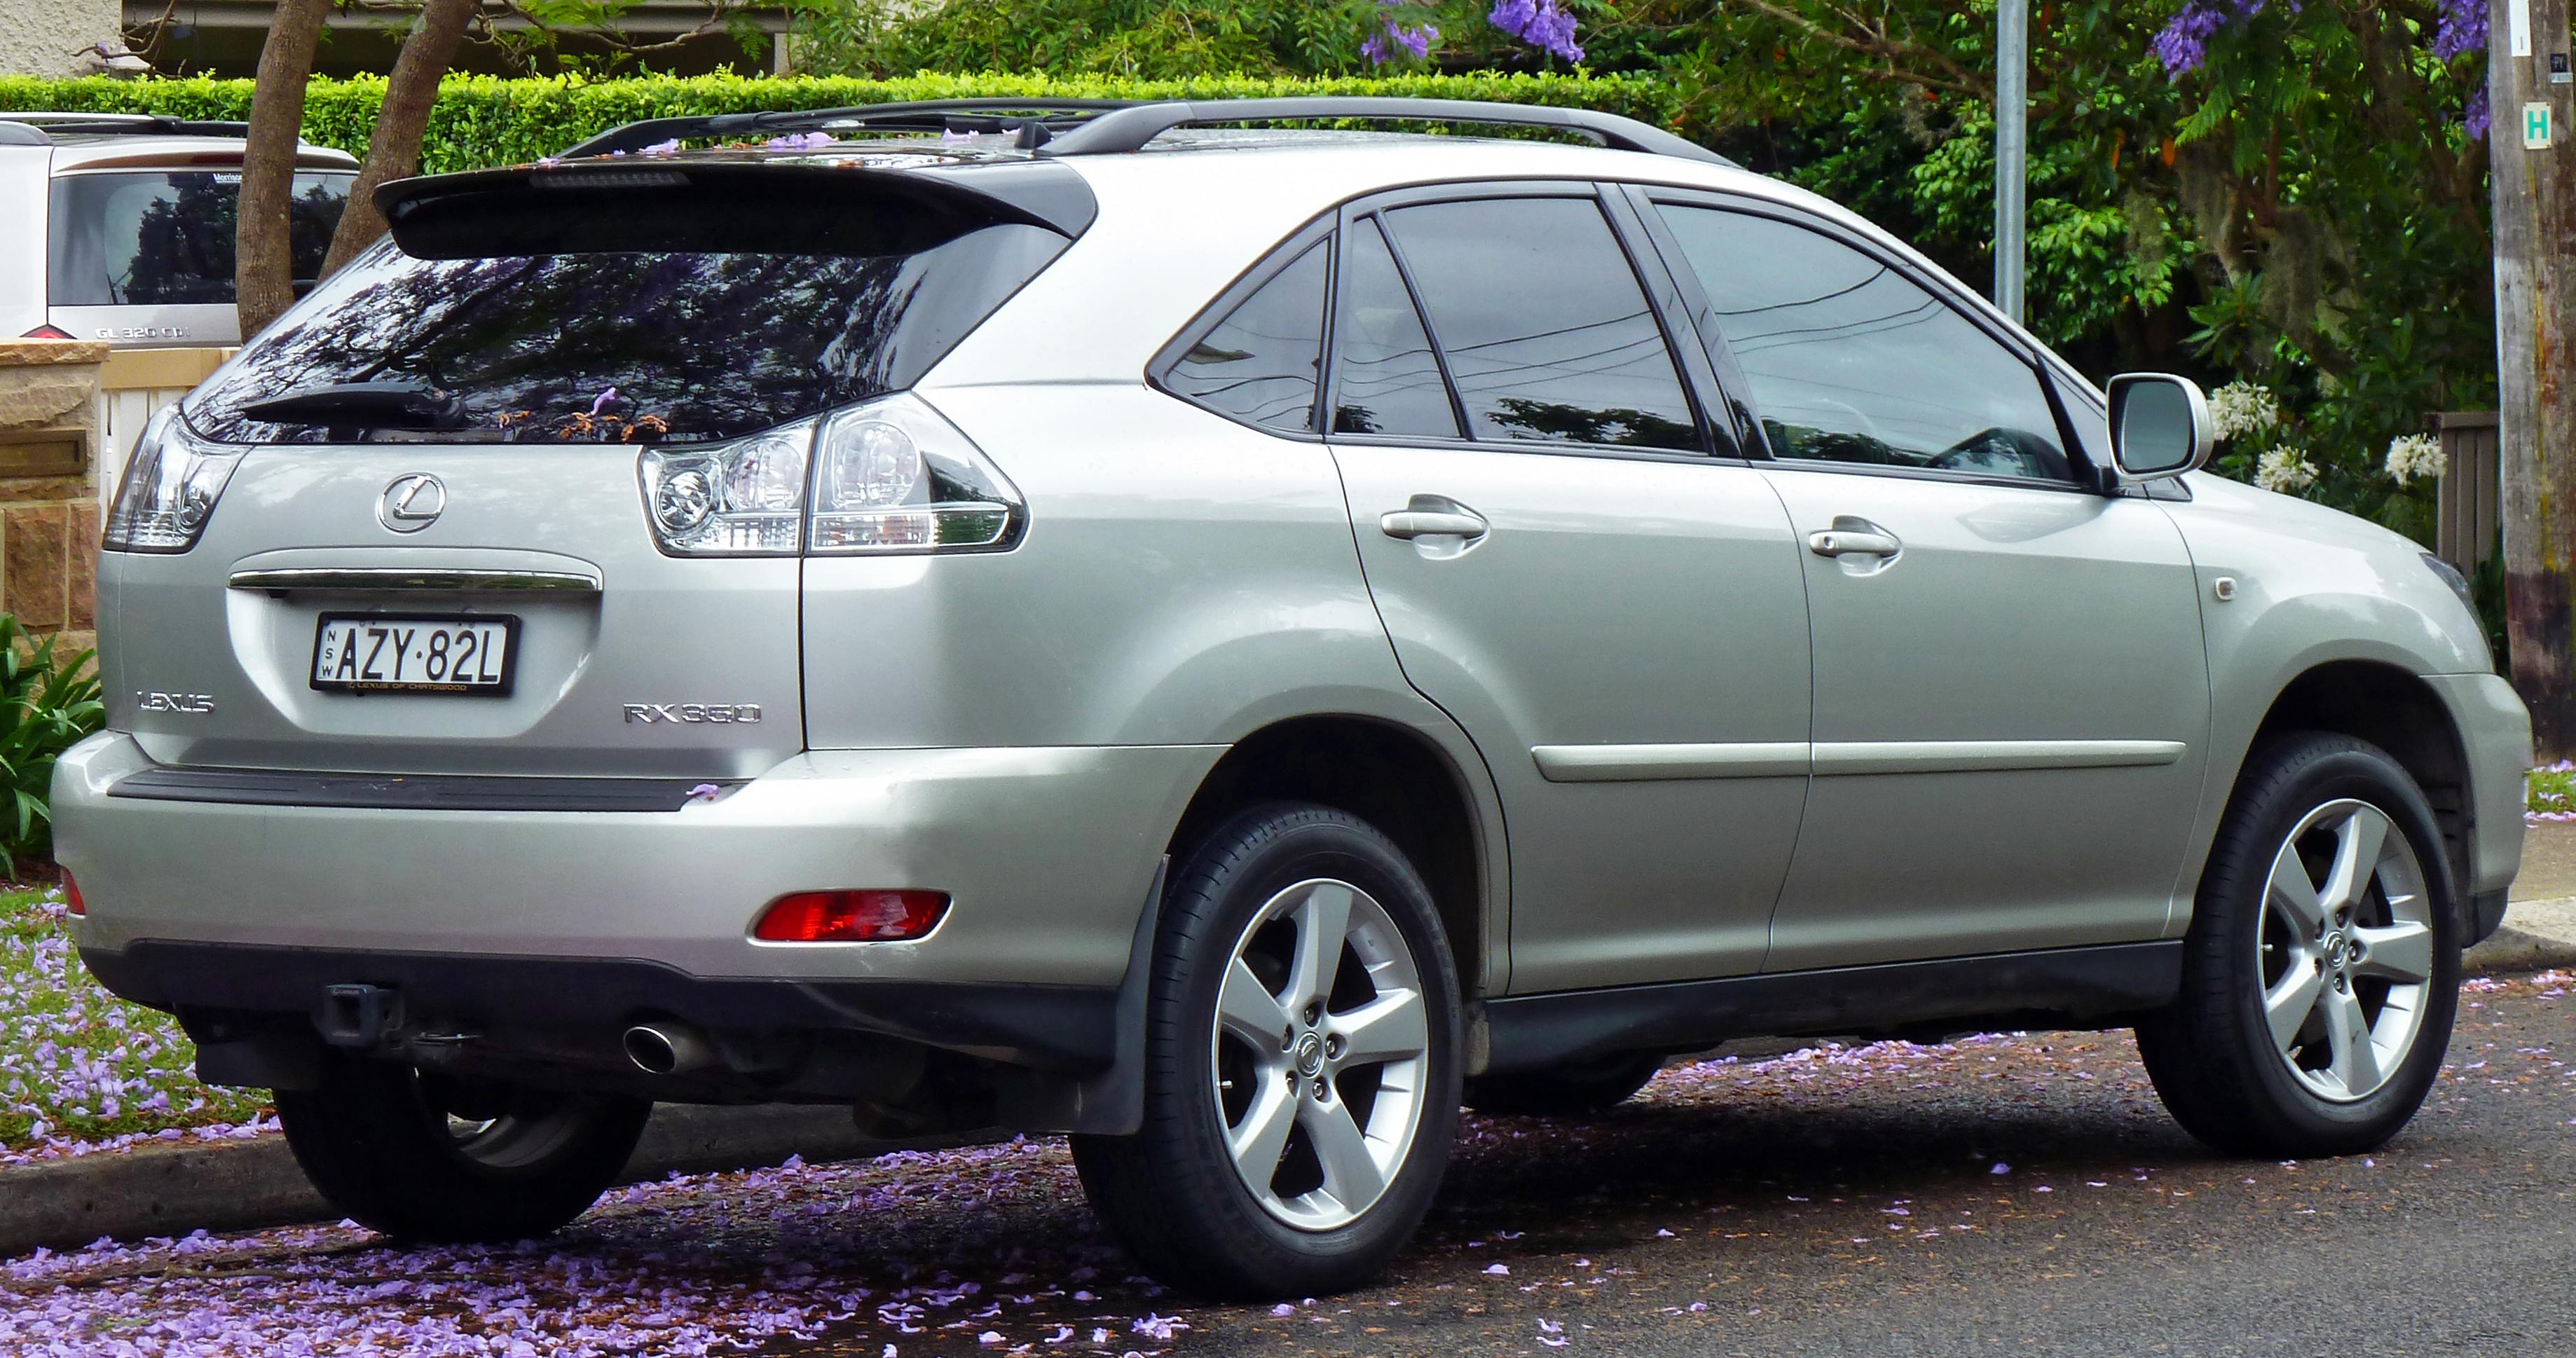 File:2006-2007 Lexus RX 350 (GSU35R) Sports Luxury wagon 01.